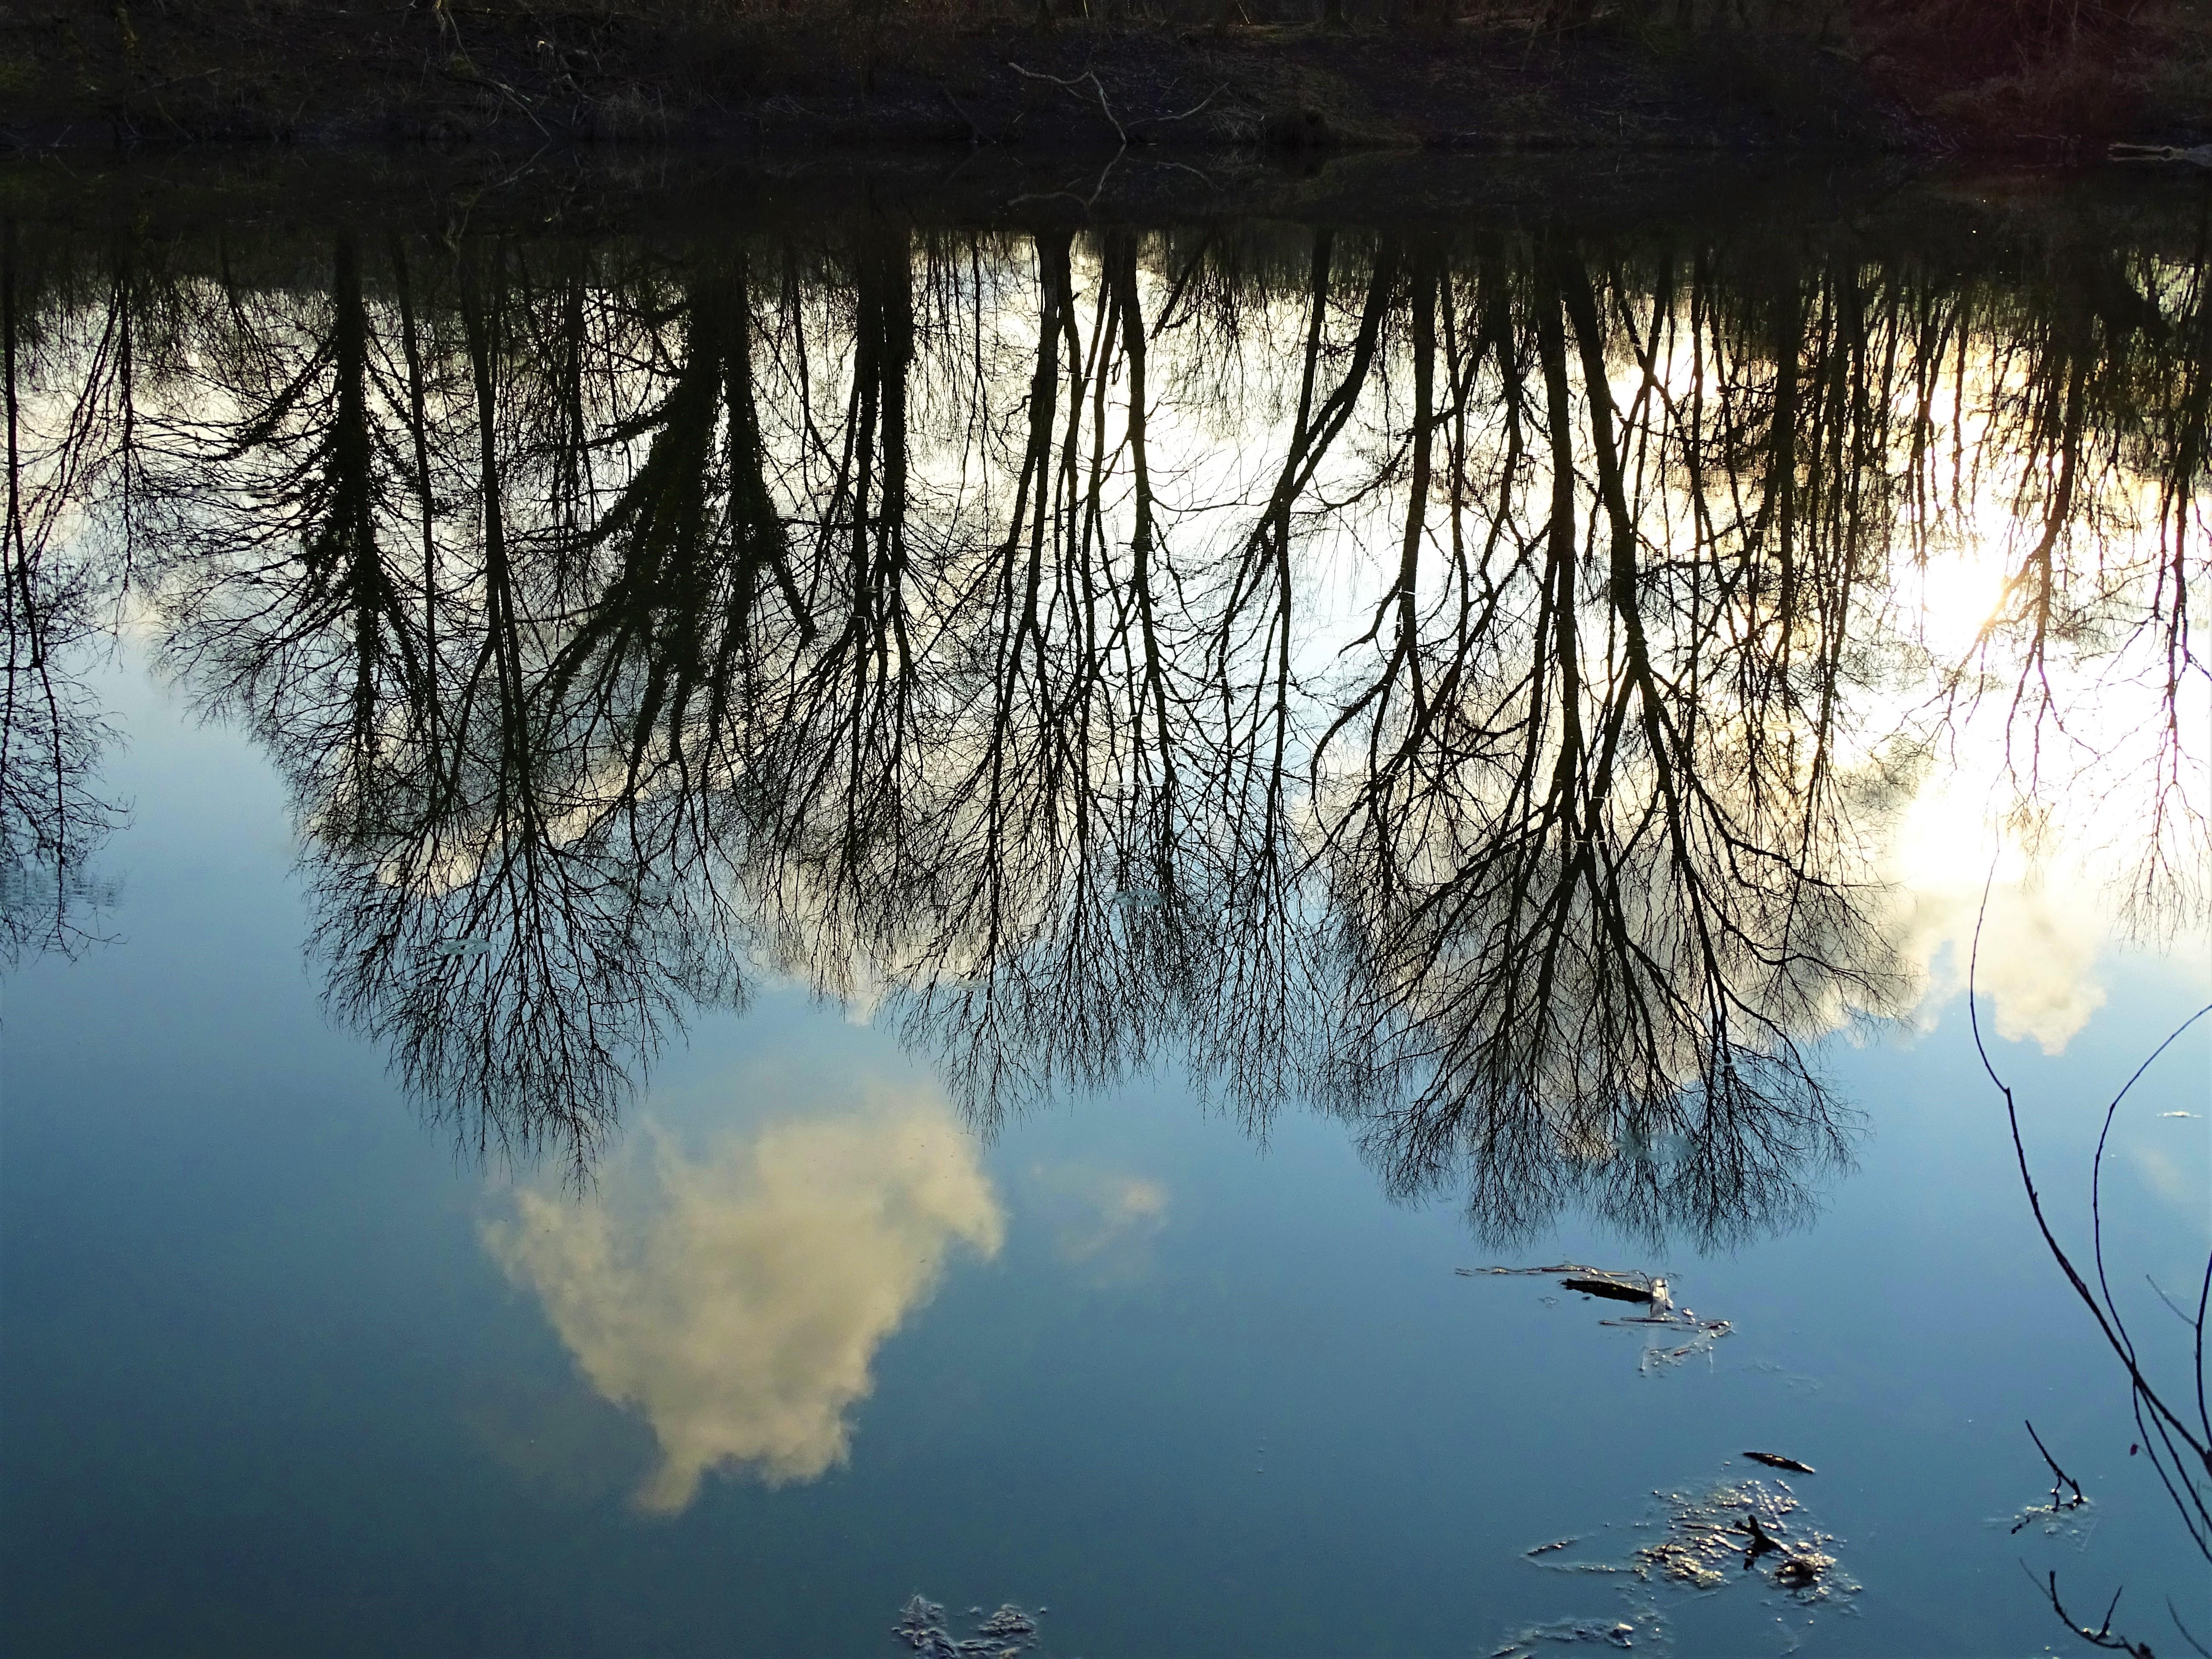 4-Kurpark-Bad-Birnbach-Foto-Nadia-baumgart